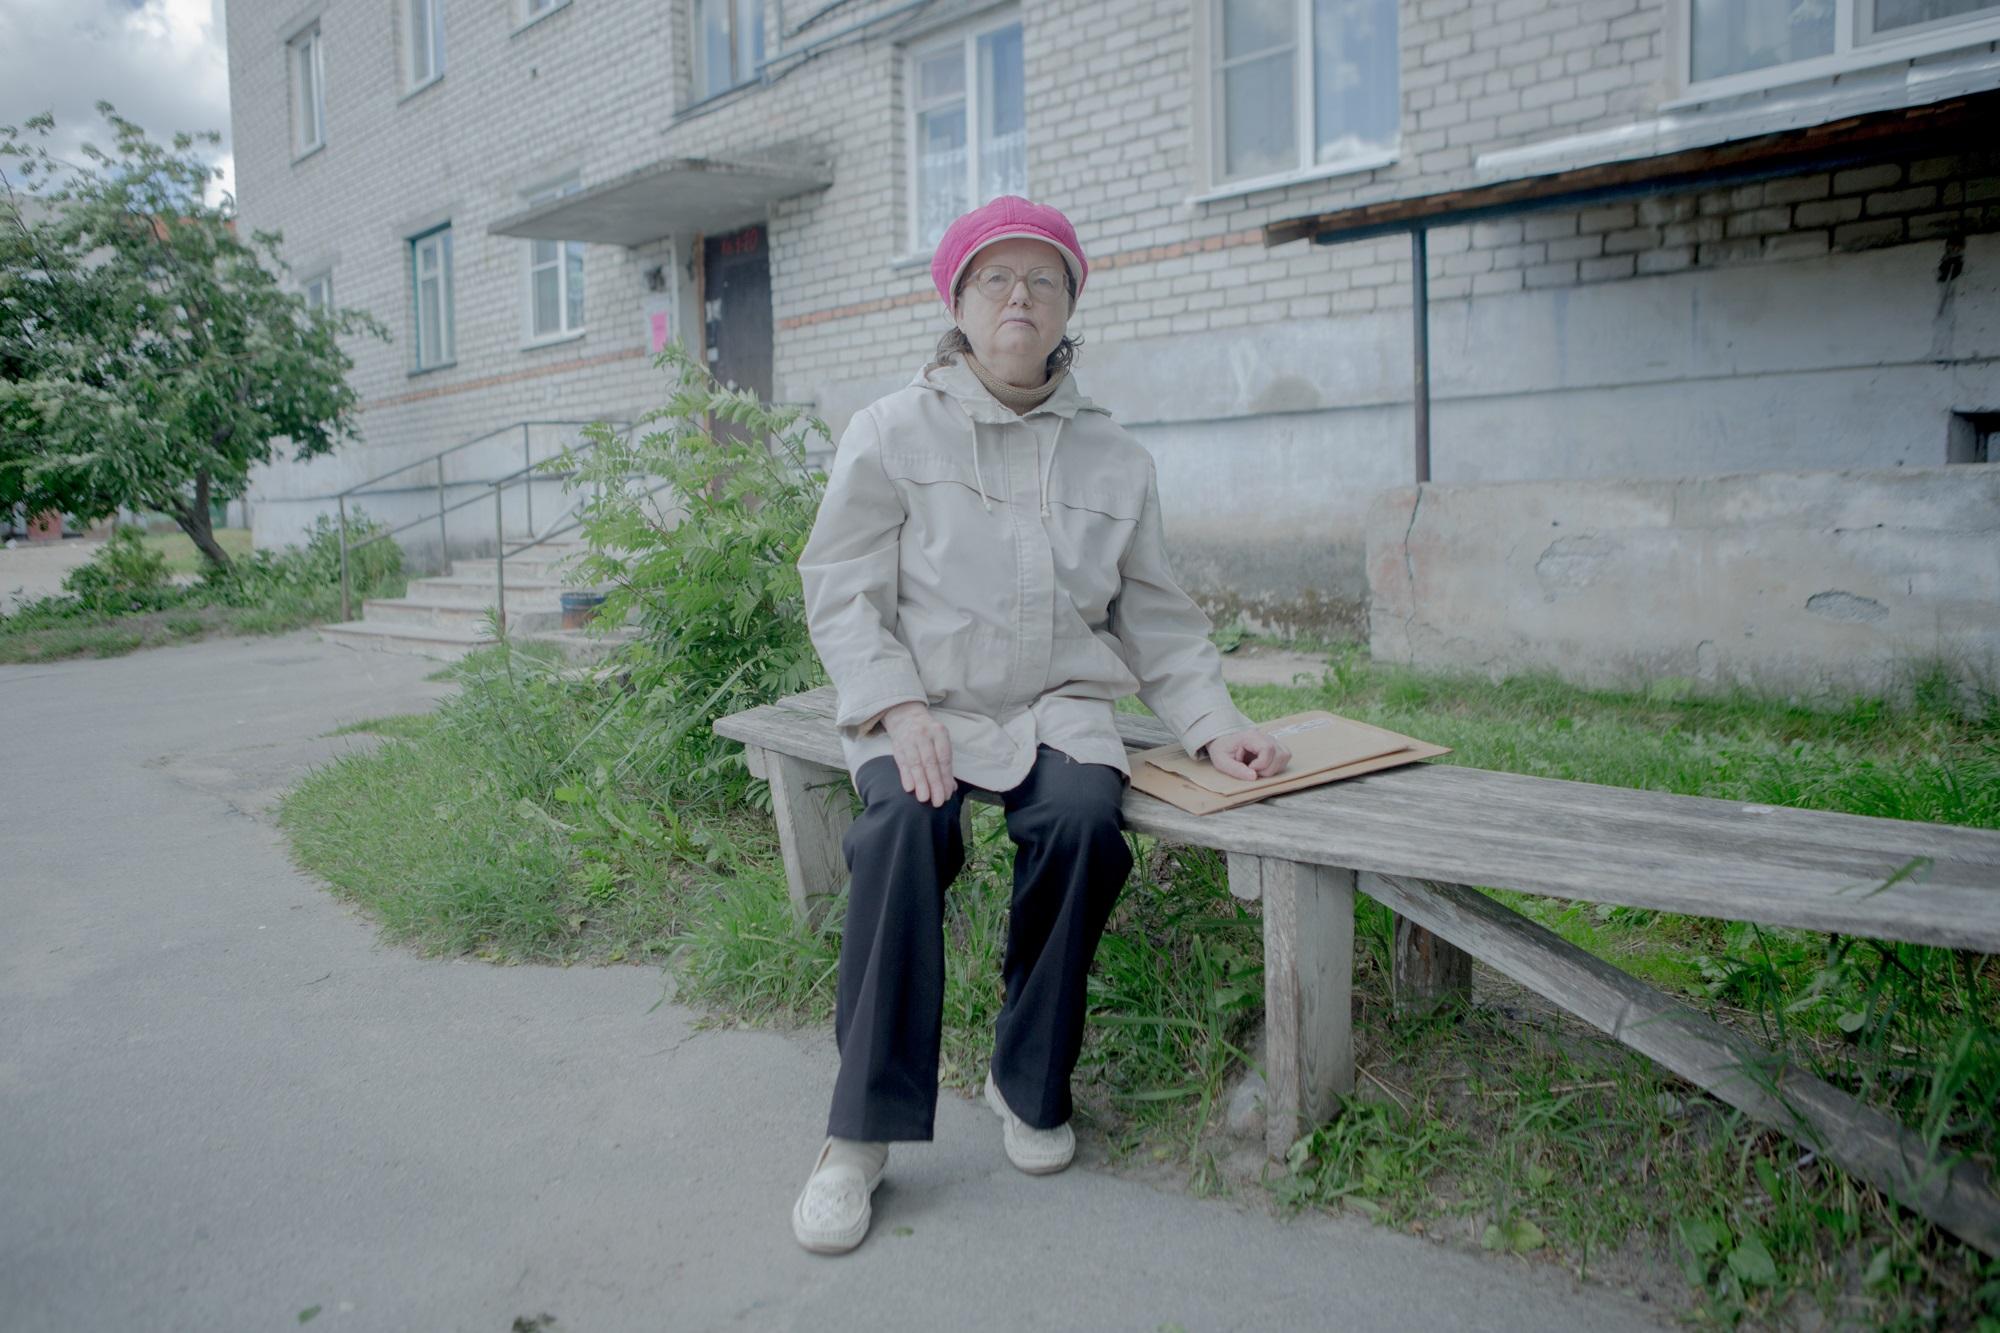 Alexandra Alexejewna auf der Bank im Hof ihres Hauses in Pinduschi / Foto © Anna Ivantsova